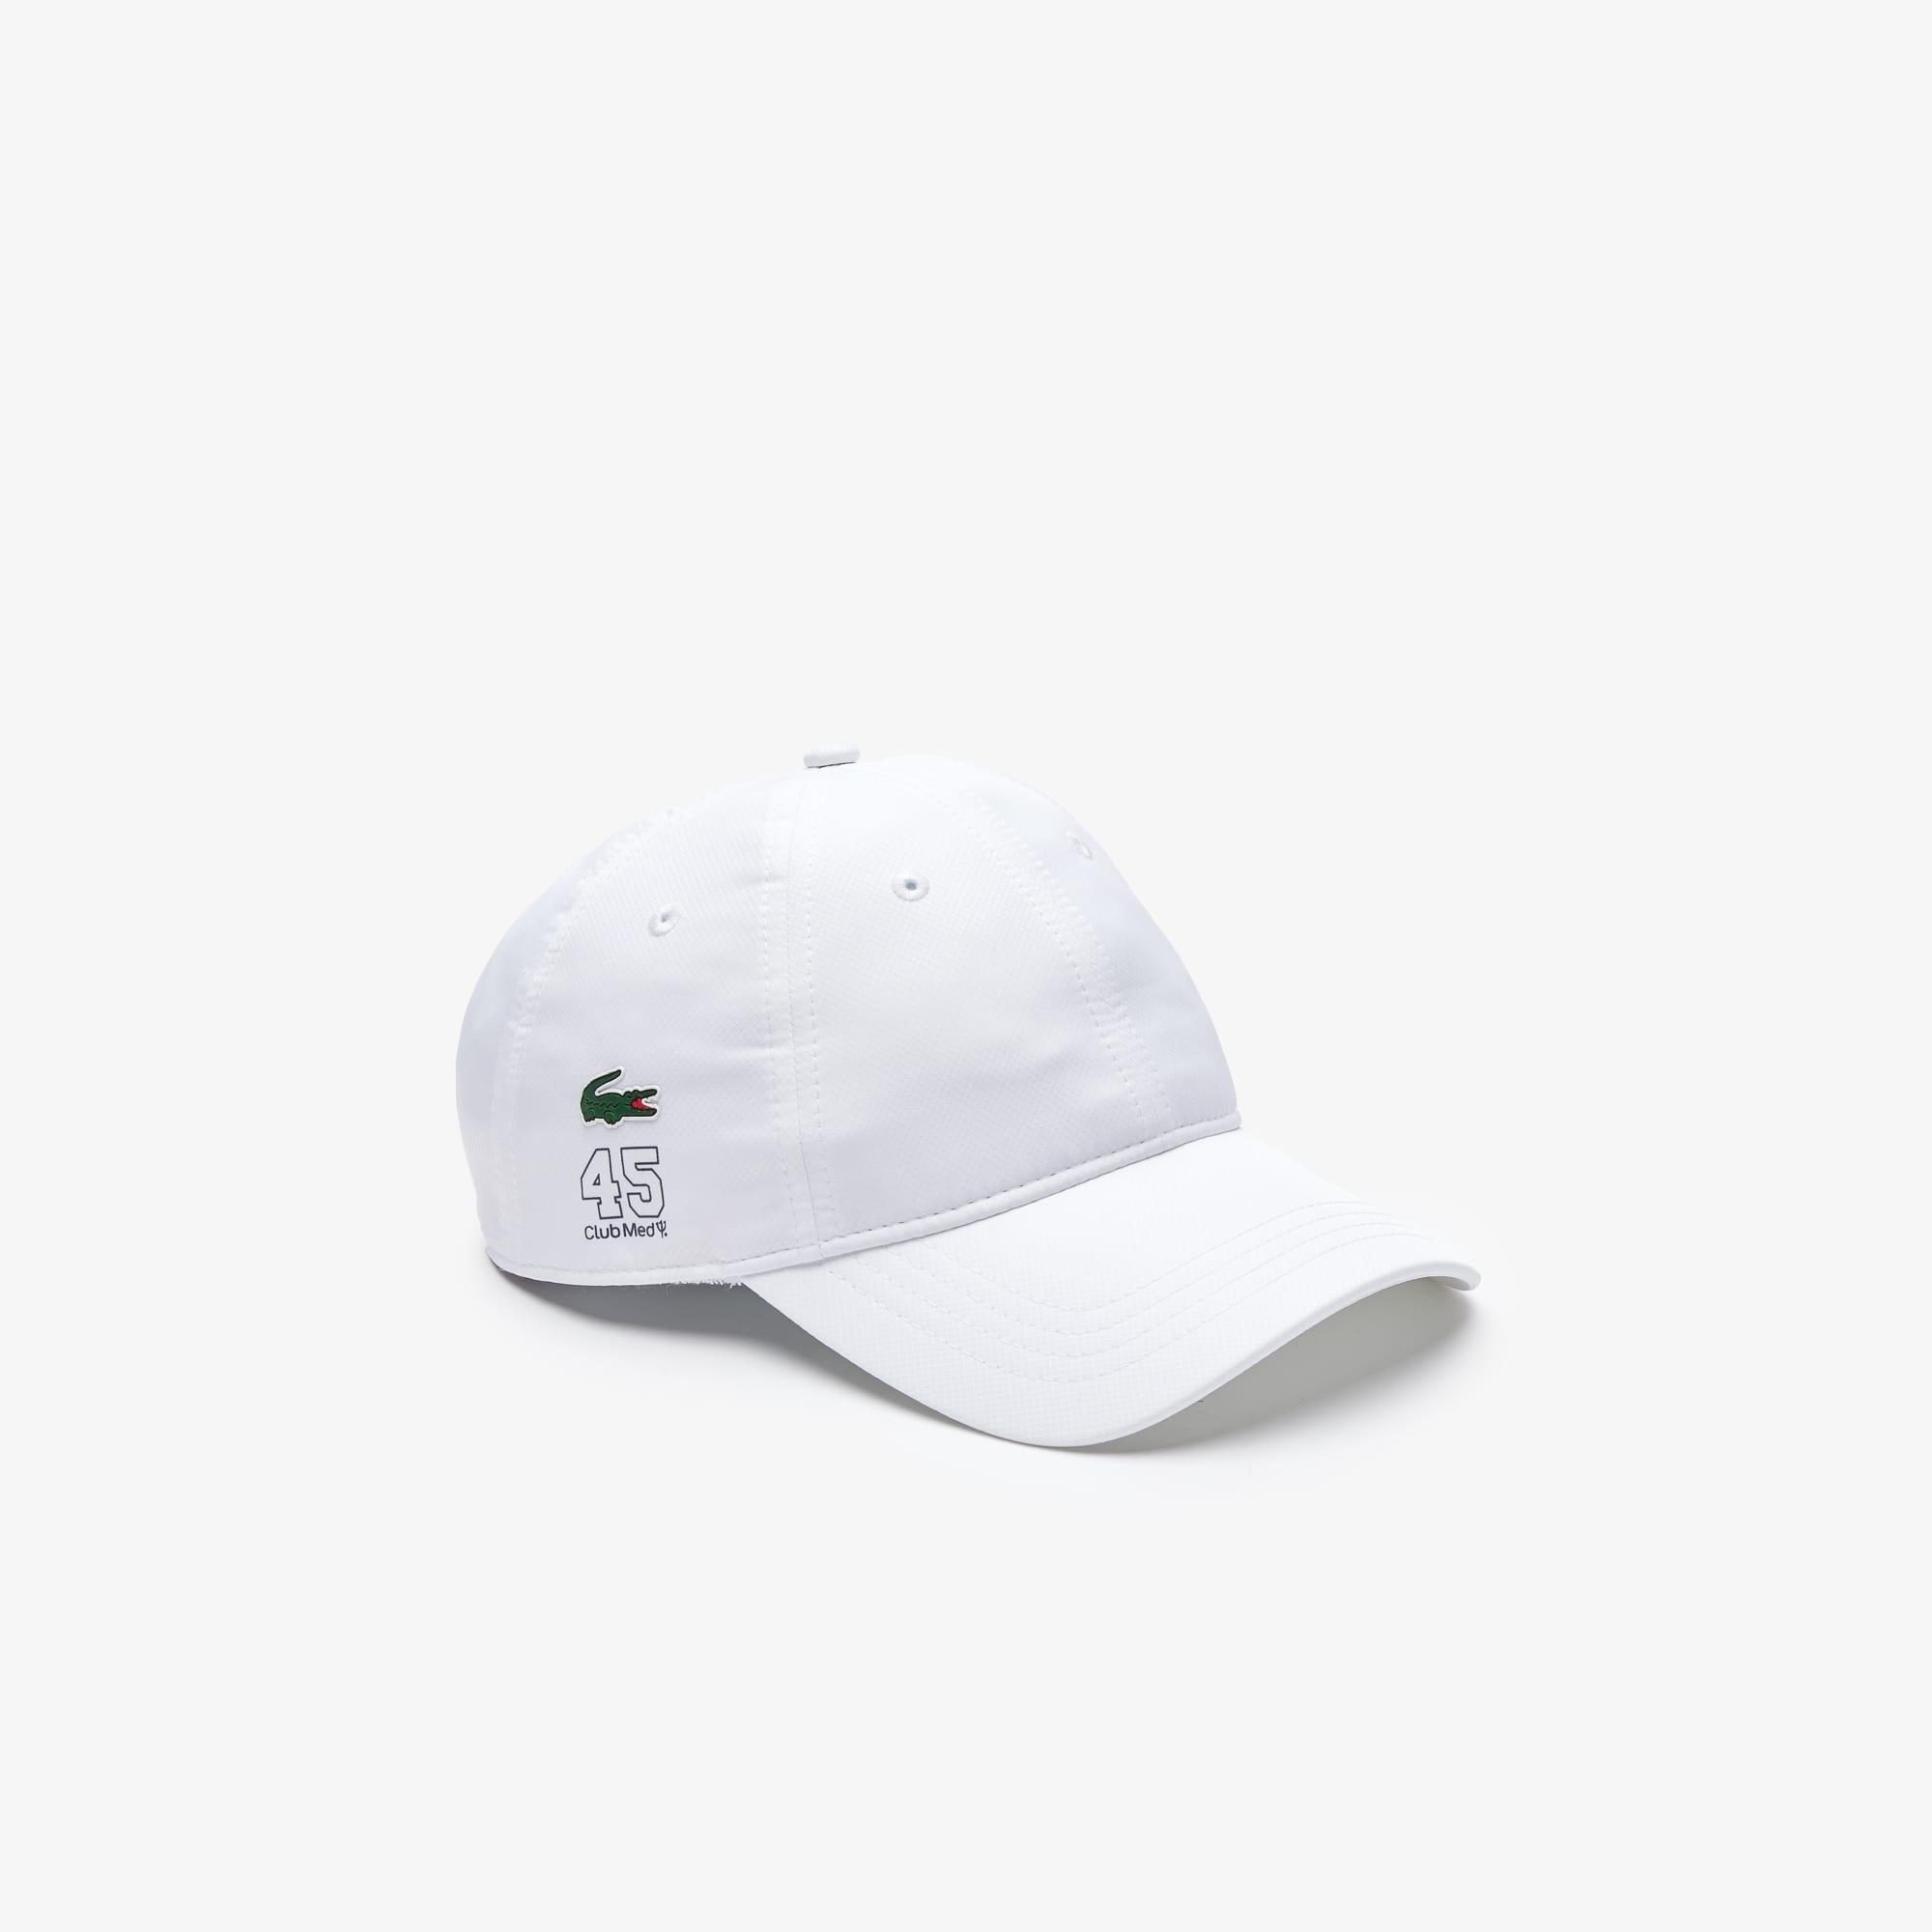 Berretti e cappelli da uomo  6ca3c53e481f